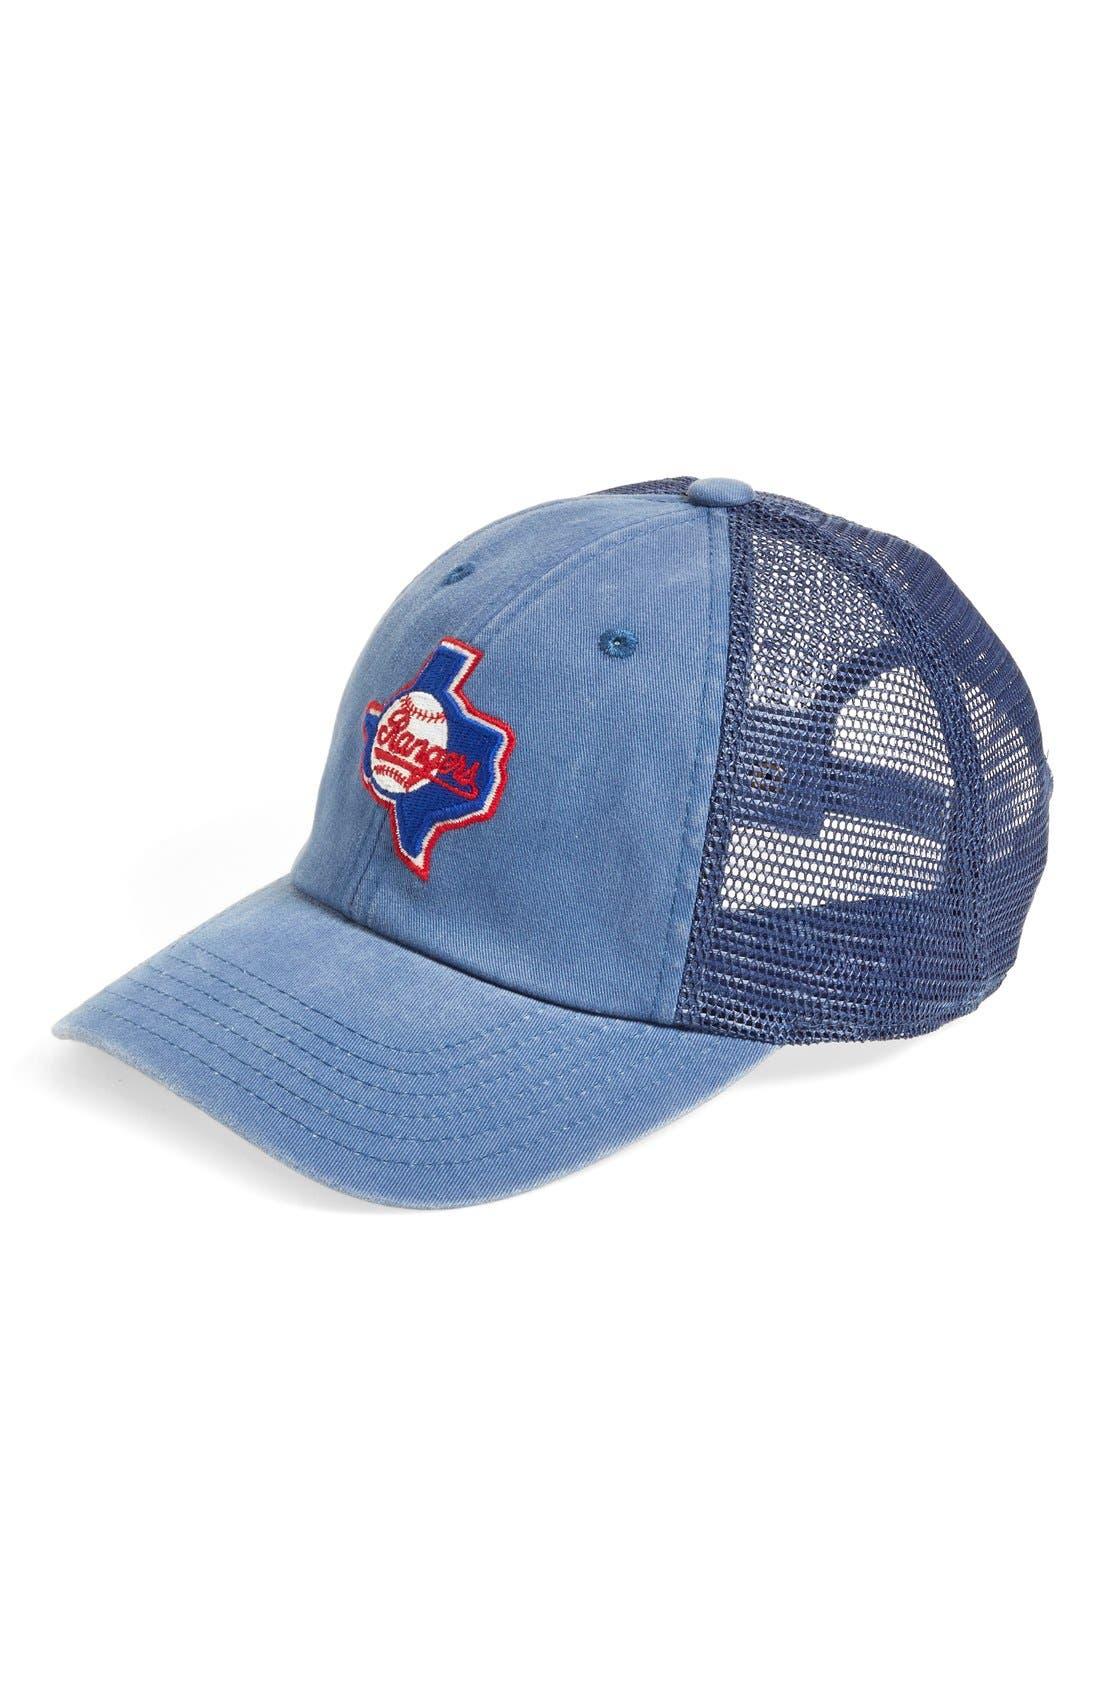 American Needle 'Texas Rangers - Raglan Bones' Mesh Trucker Cap